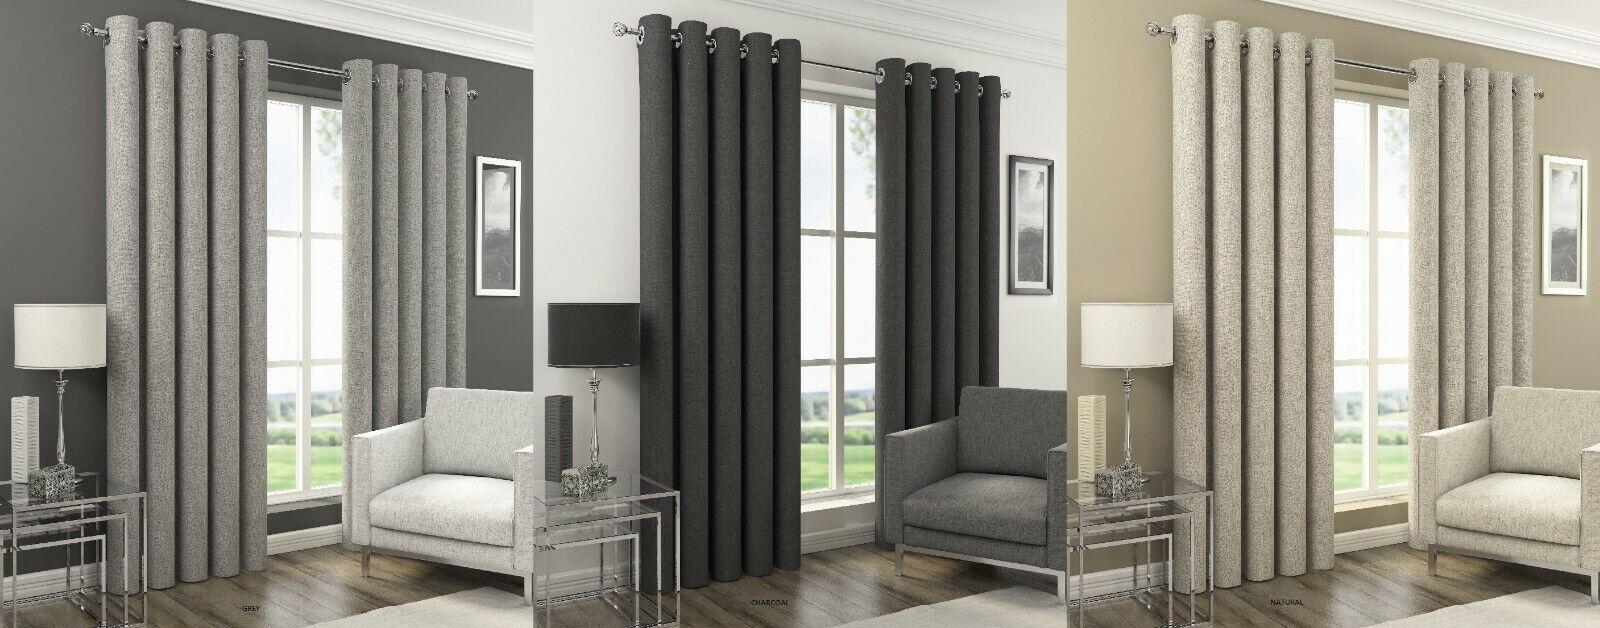 Tejido Lino Texturizado Llano Orion mirada cortinas Color negro apagón Ojal ringtop térmica